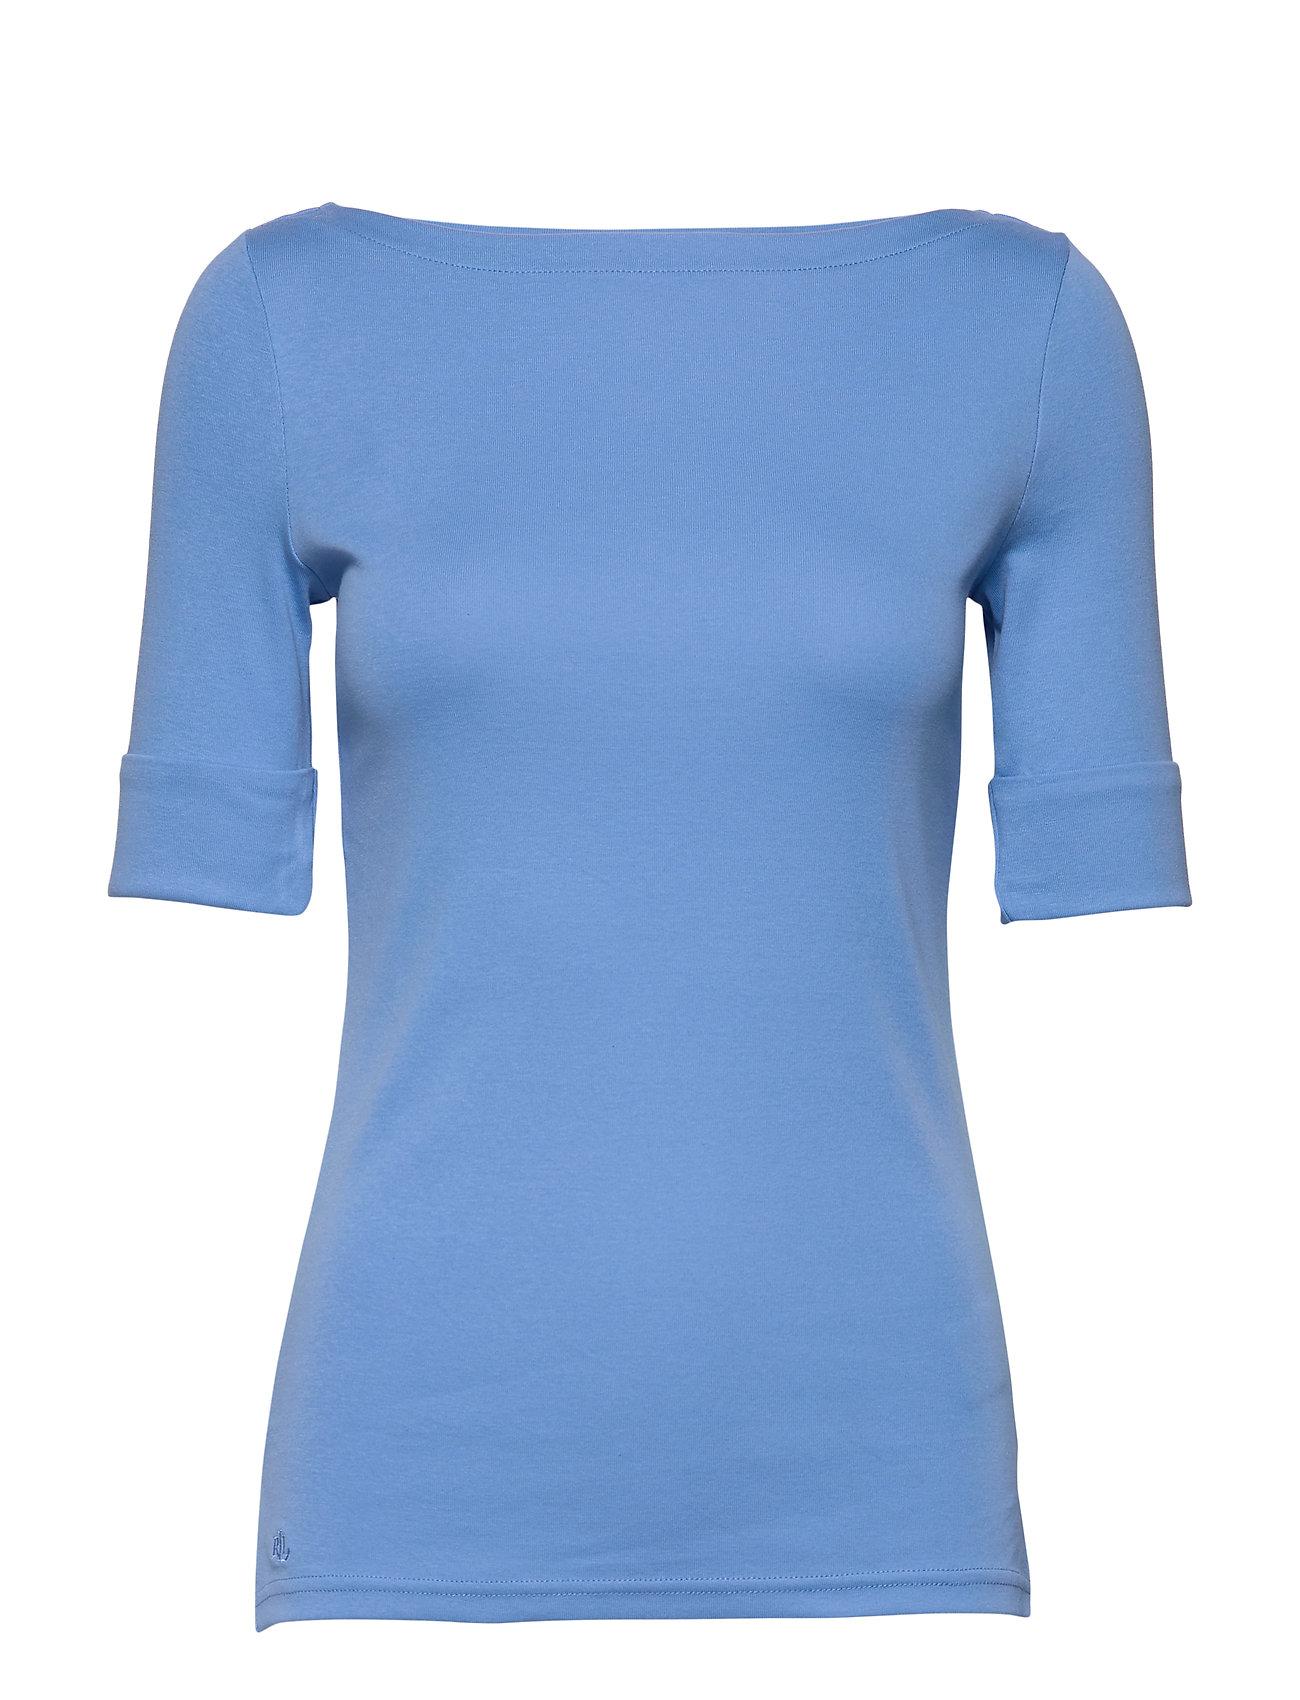 Lauren Ralph Lauren RFND STRTCH 1X1 RIB-KNT - EOS BLUE